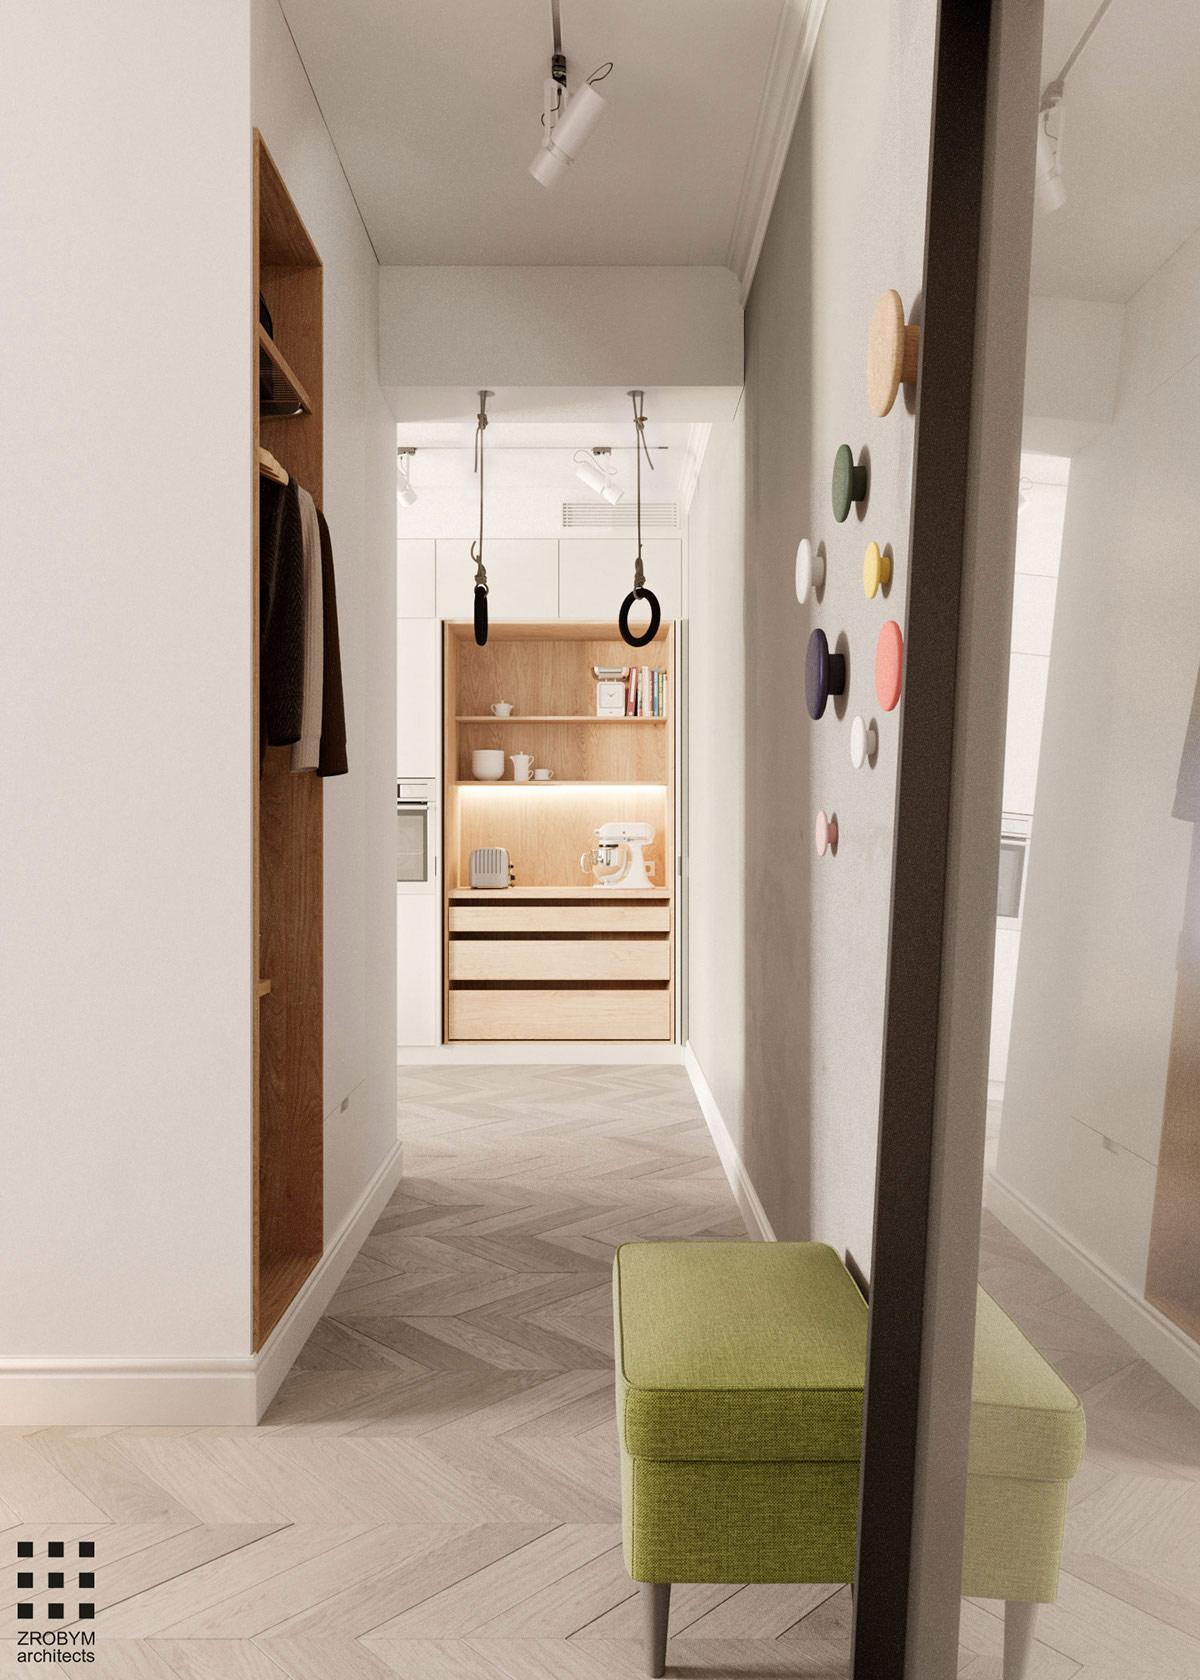 极简风格的高级灰:65平开放式设计的小公寓